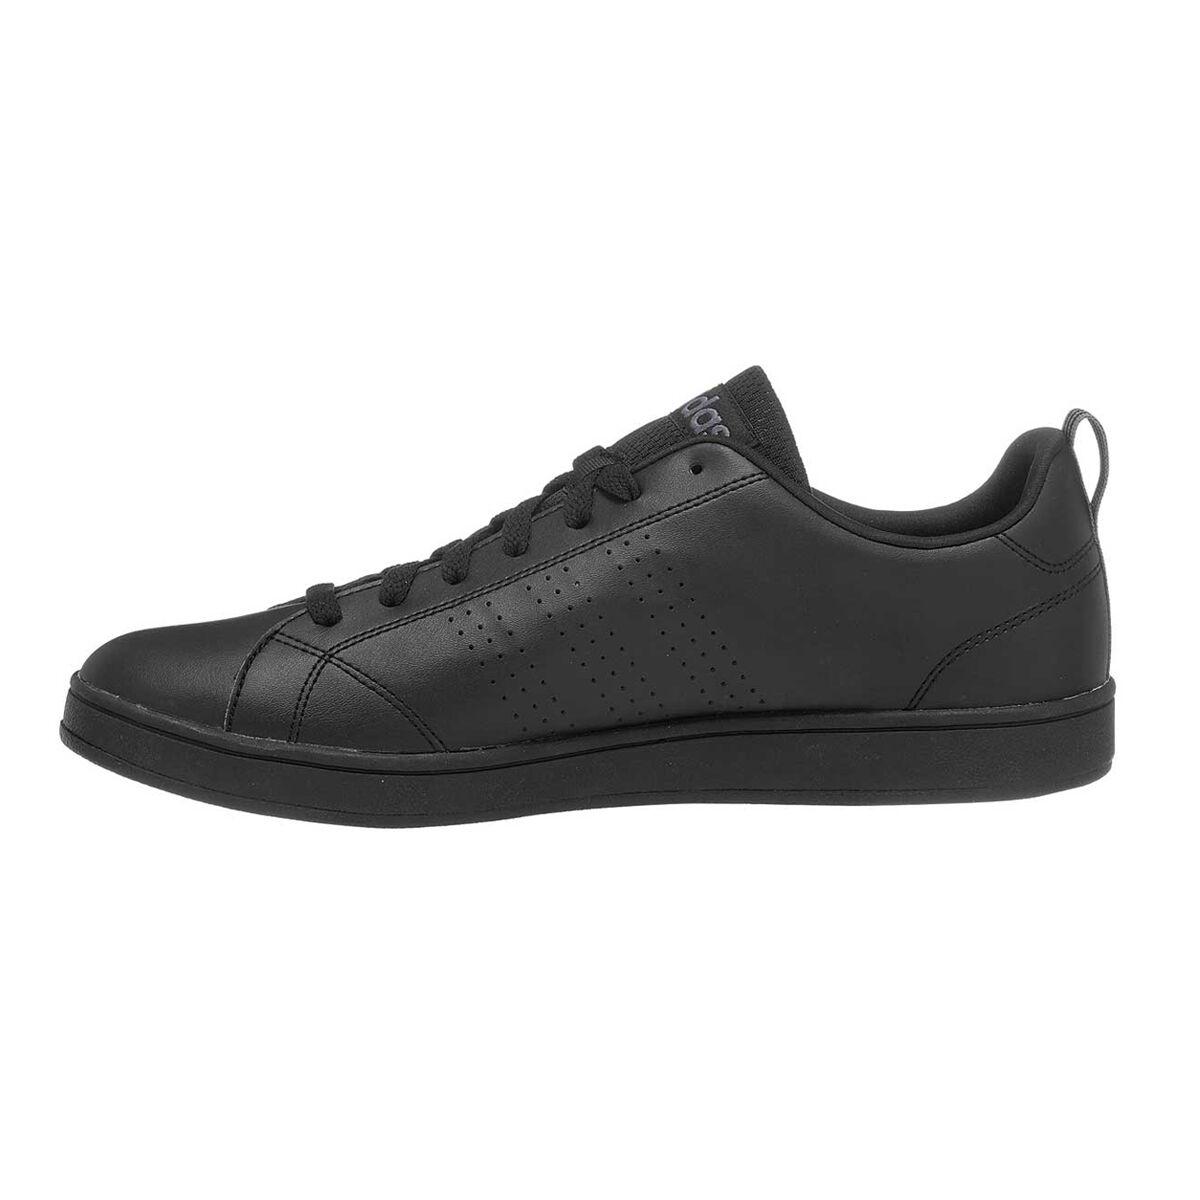 adidas Advantage Clean VS Mens Lifestyle Shoes Black Black US 11